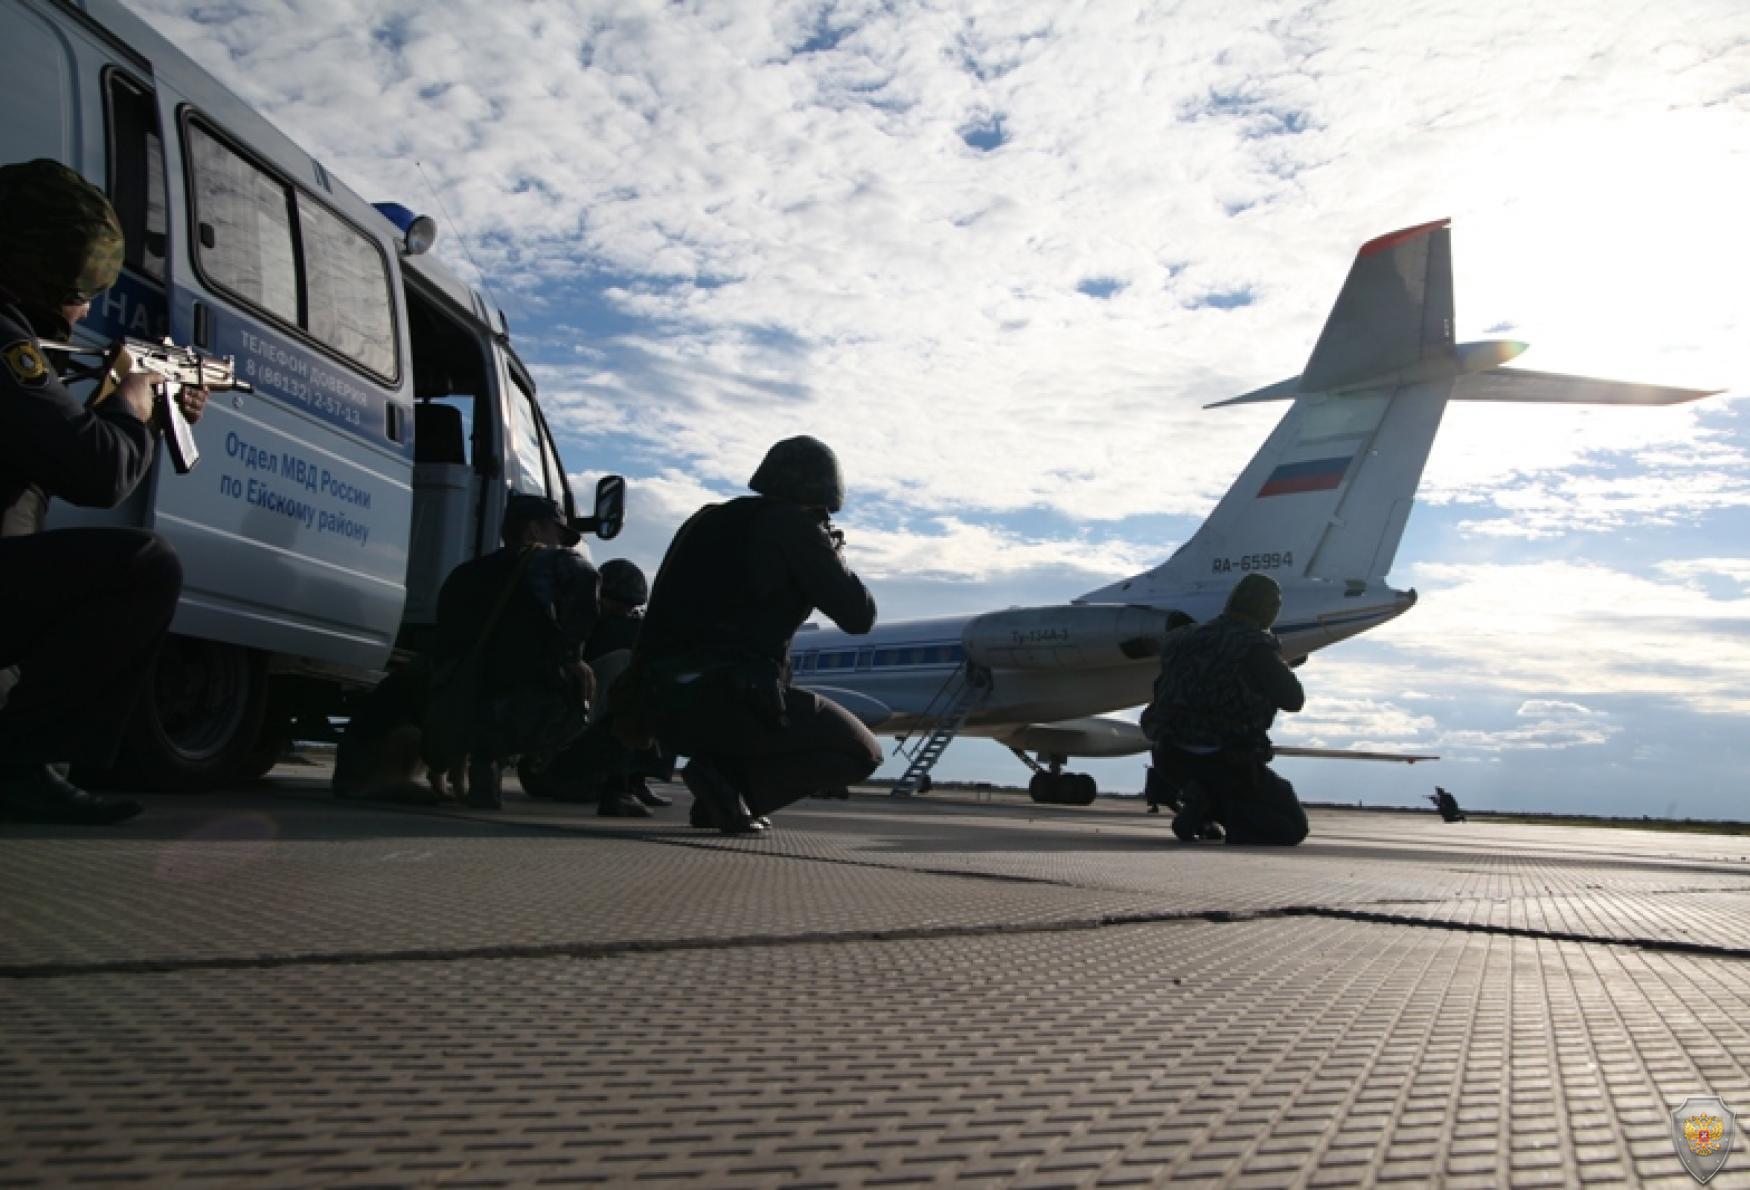 Освобождение заложников спецподразделениями МВД и ФСБ России из захваченного террористами самолета